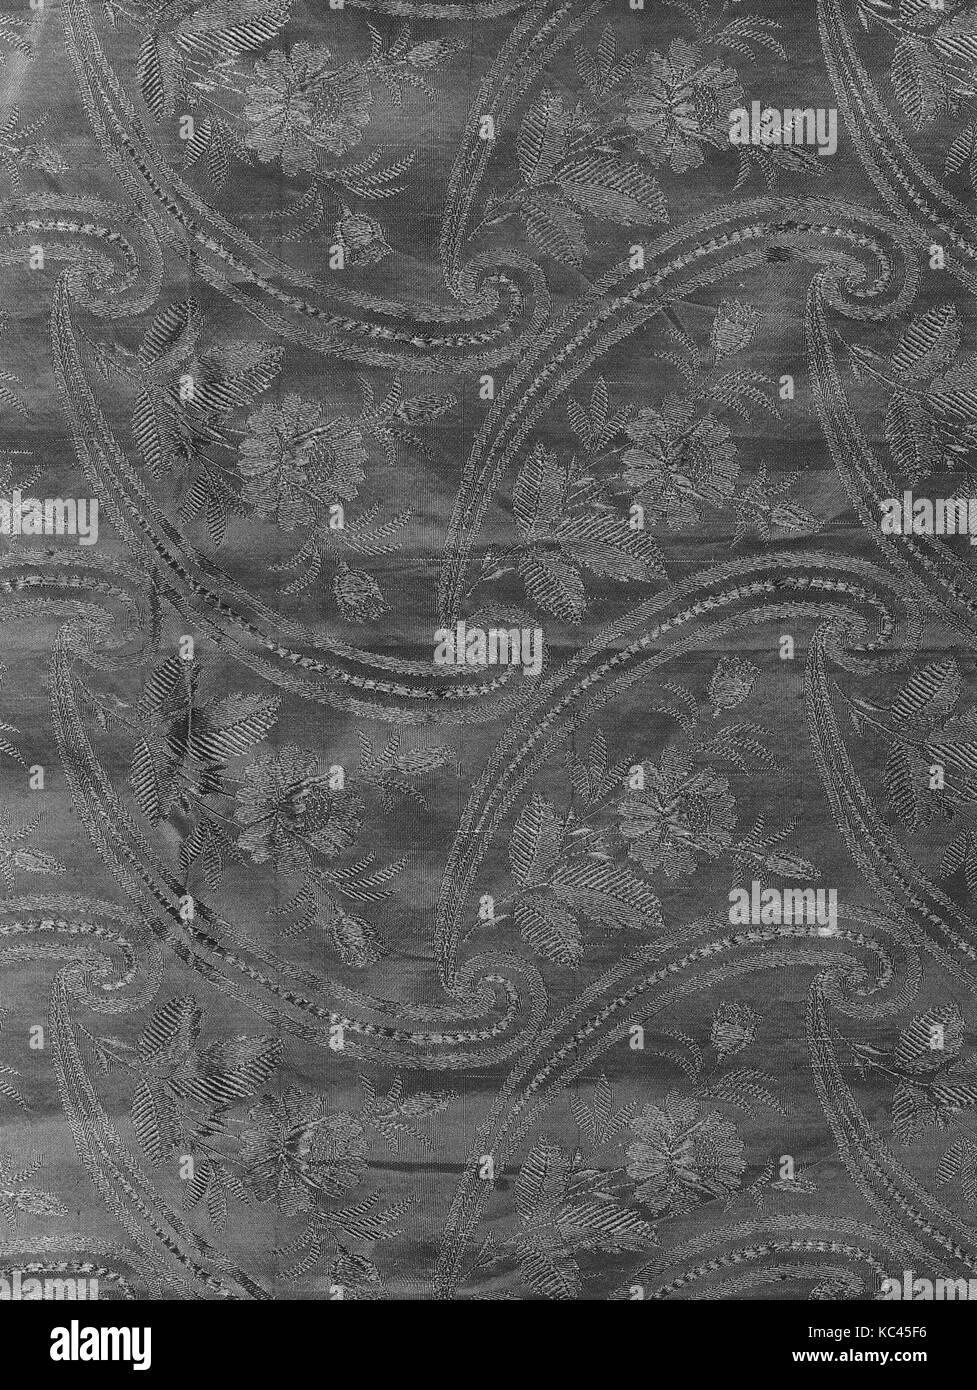 Stück, 1830 s - 40 s, französischen oder britischen, Seide, L. 39x W. 86 1/8 Zoll (99,1 x 218,8 cm), Textiles Stockbild